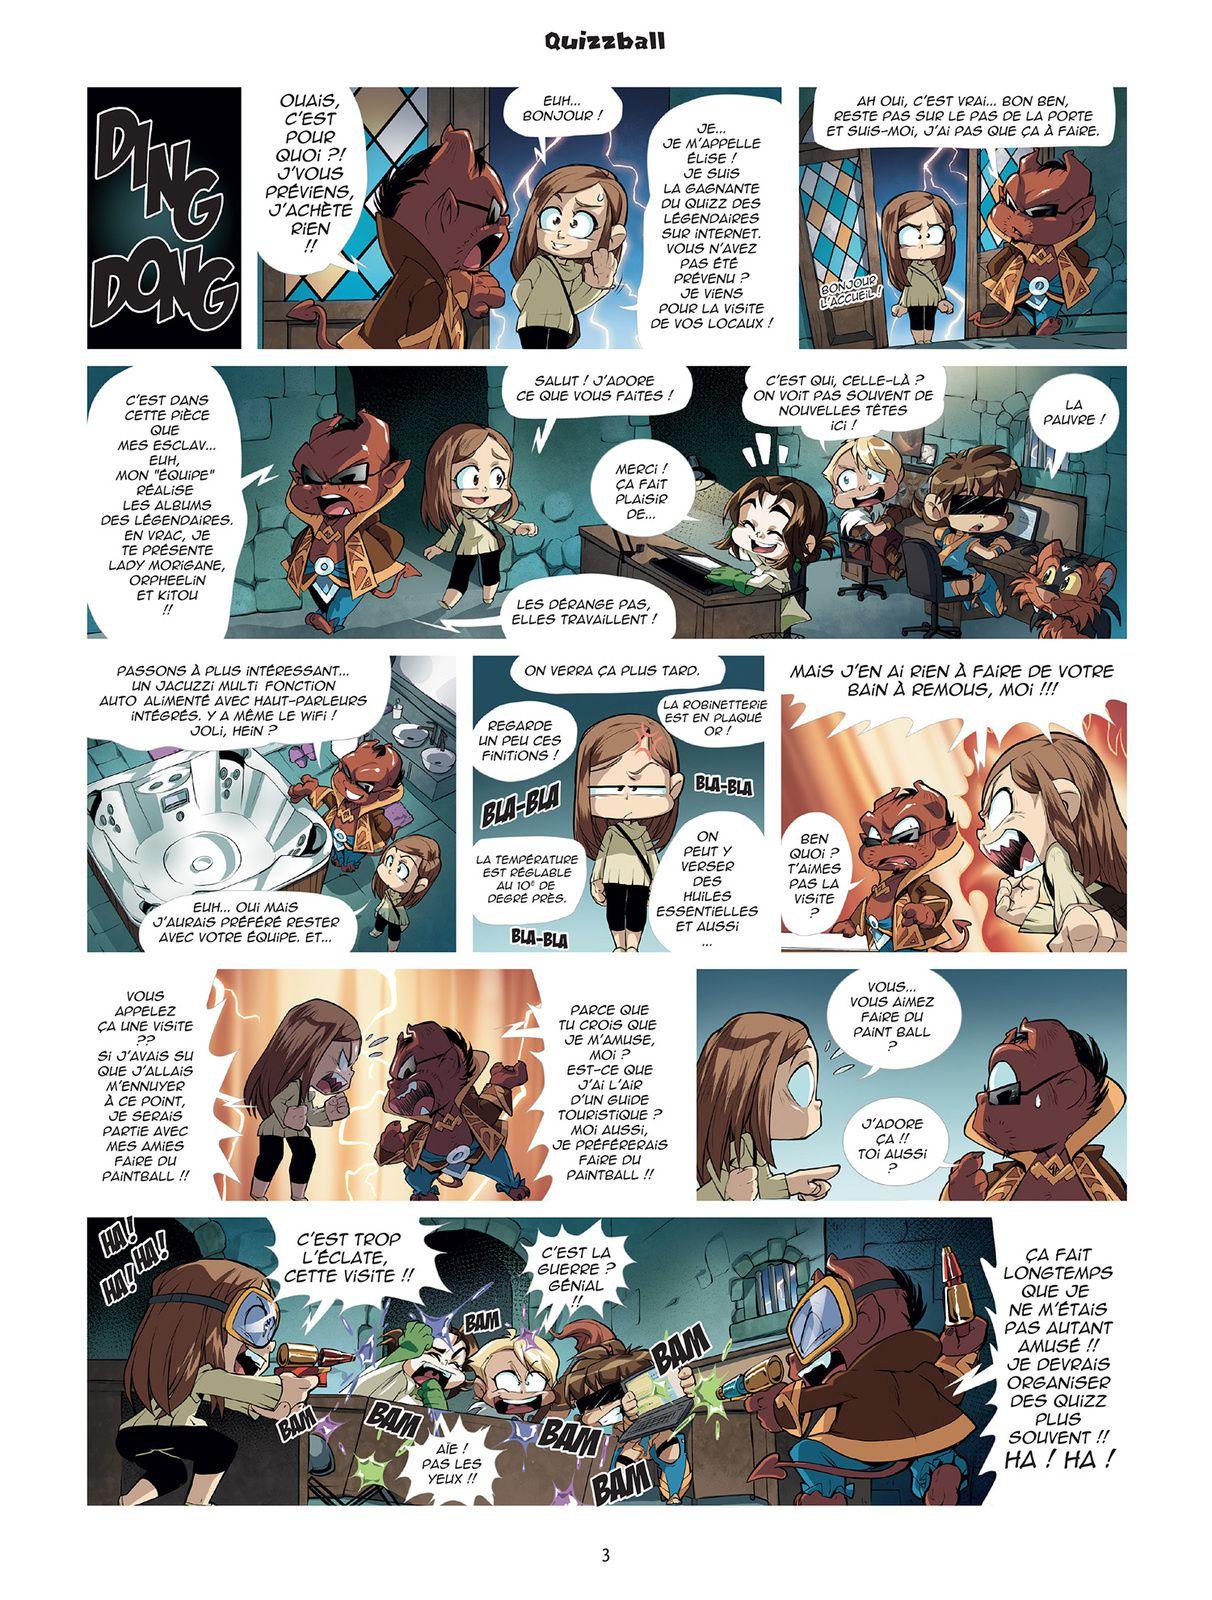 [ALERTE] : Les 4 premières pages de Game of drôle !